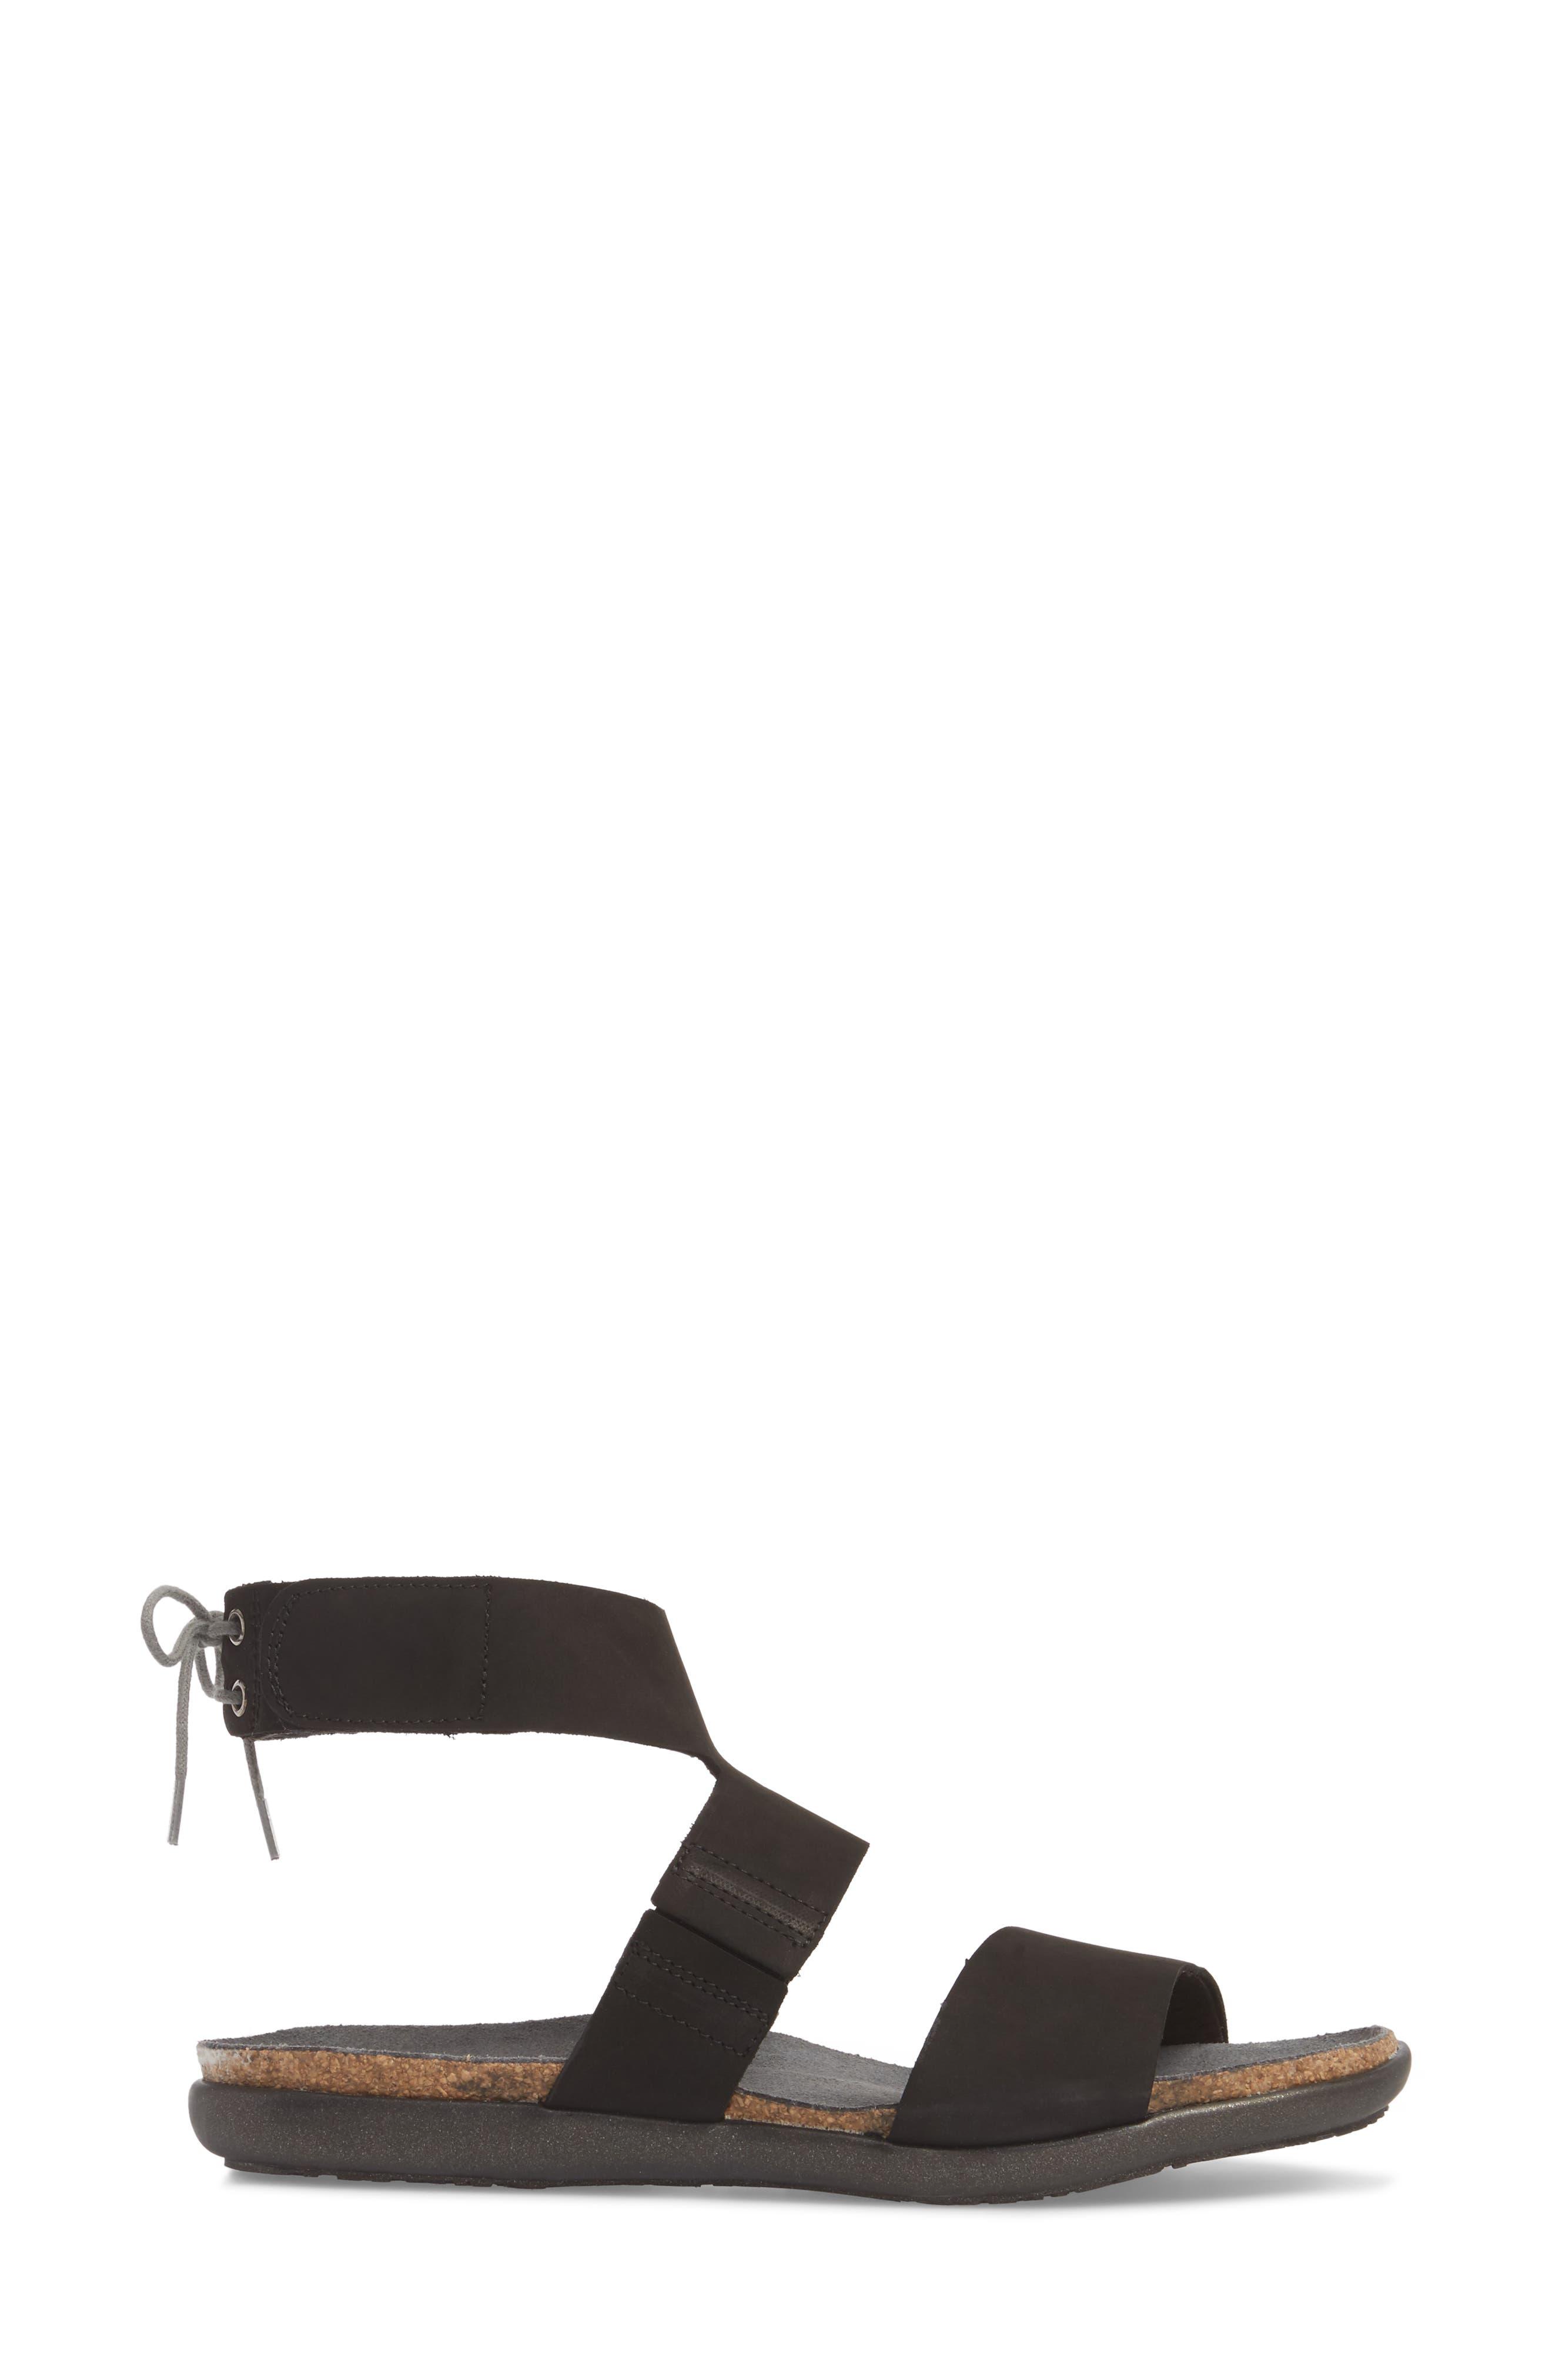 Larissa Ankle Strap Sandal,                             Alternate thumbnail 3, color,                             Black Velvet Nubuck